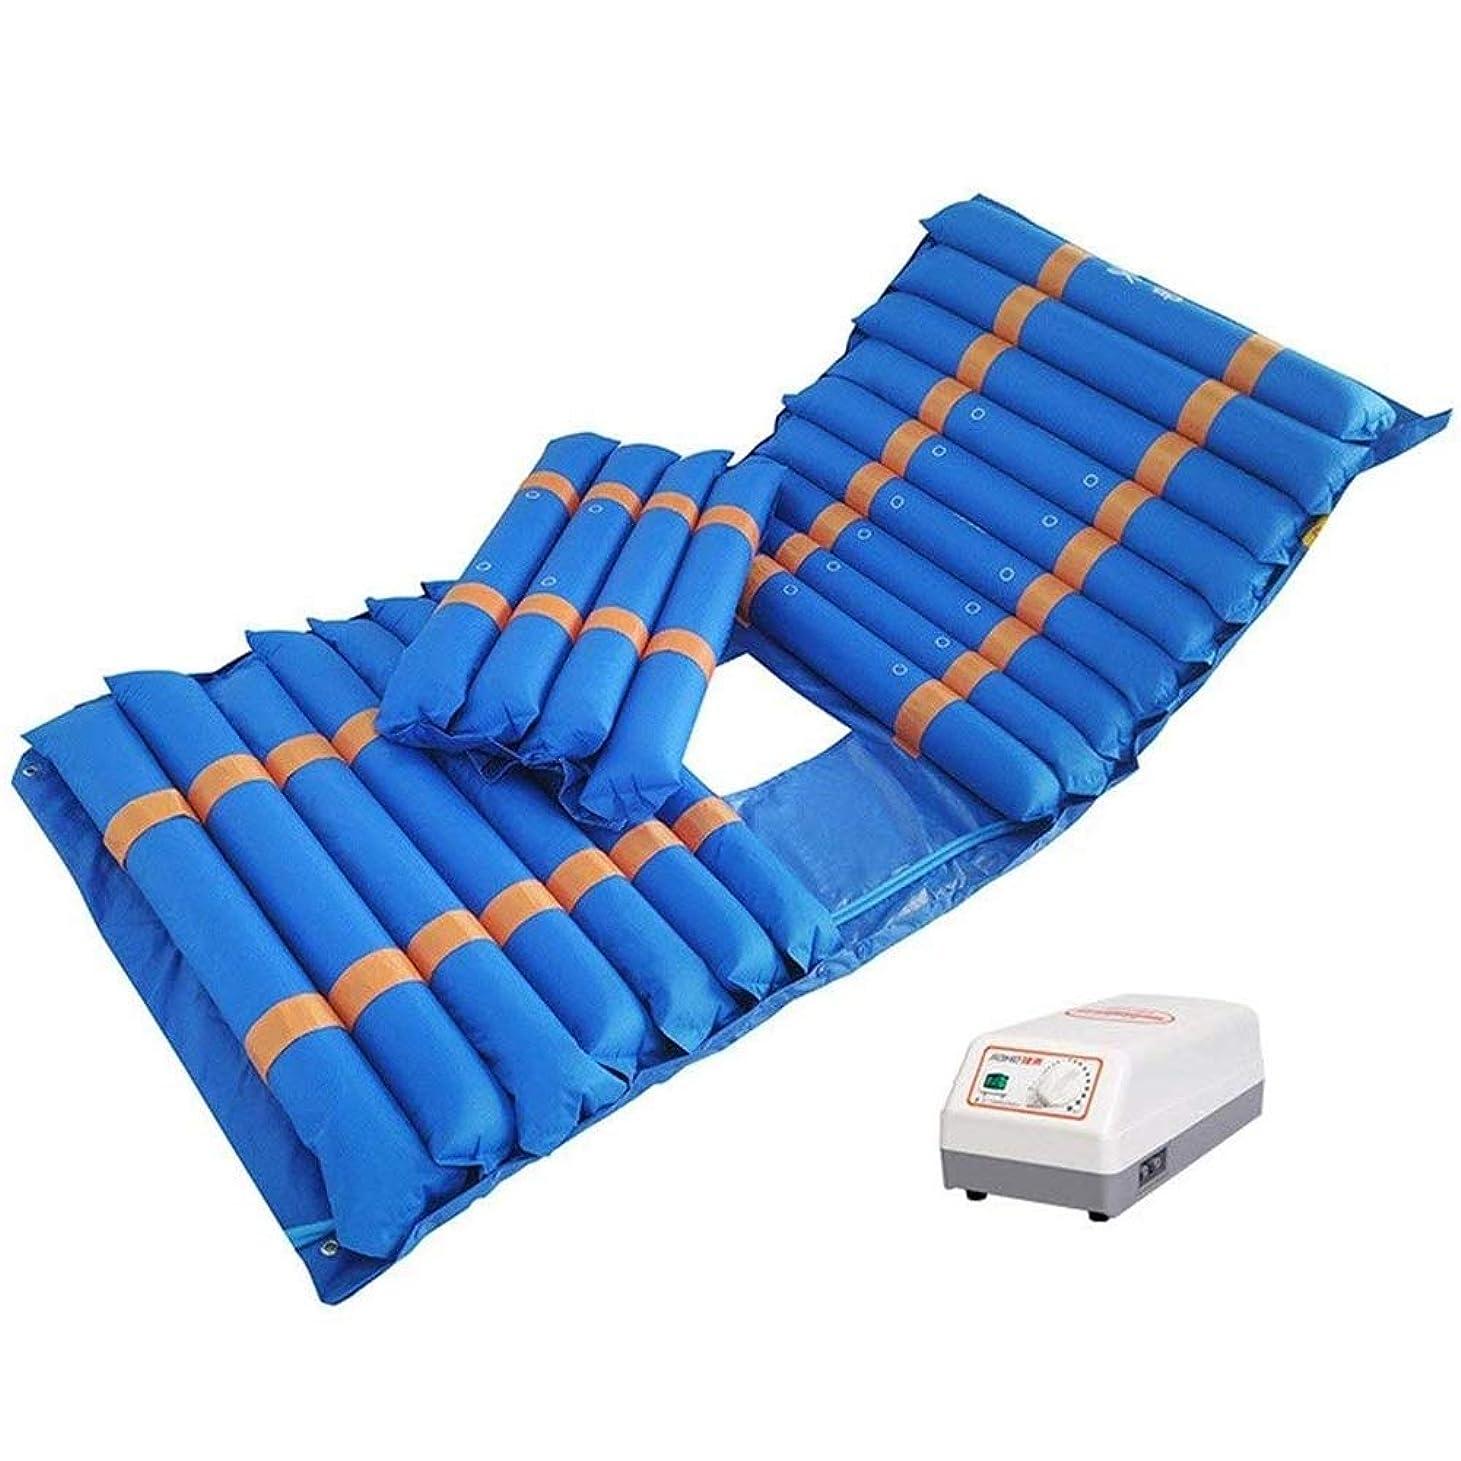 スカープクレタ誤解を招く褥瘡対策用エアマットレス、ポンプ付き空気圧マットレス、床ずれ治療用のインフレータブルベッドエアトッパー